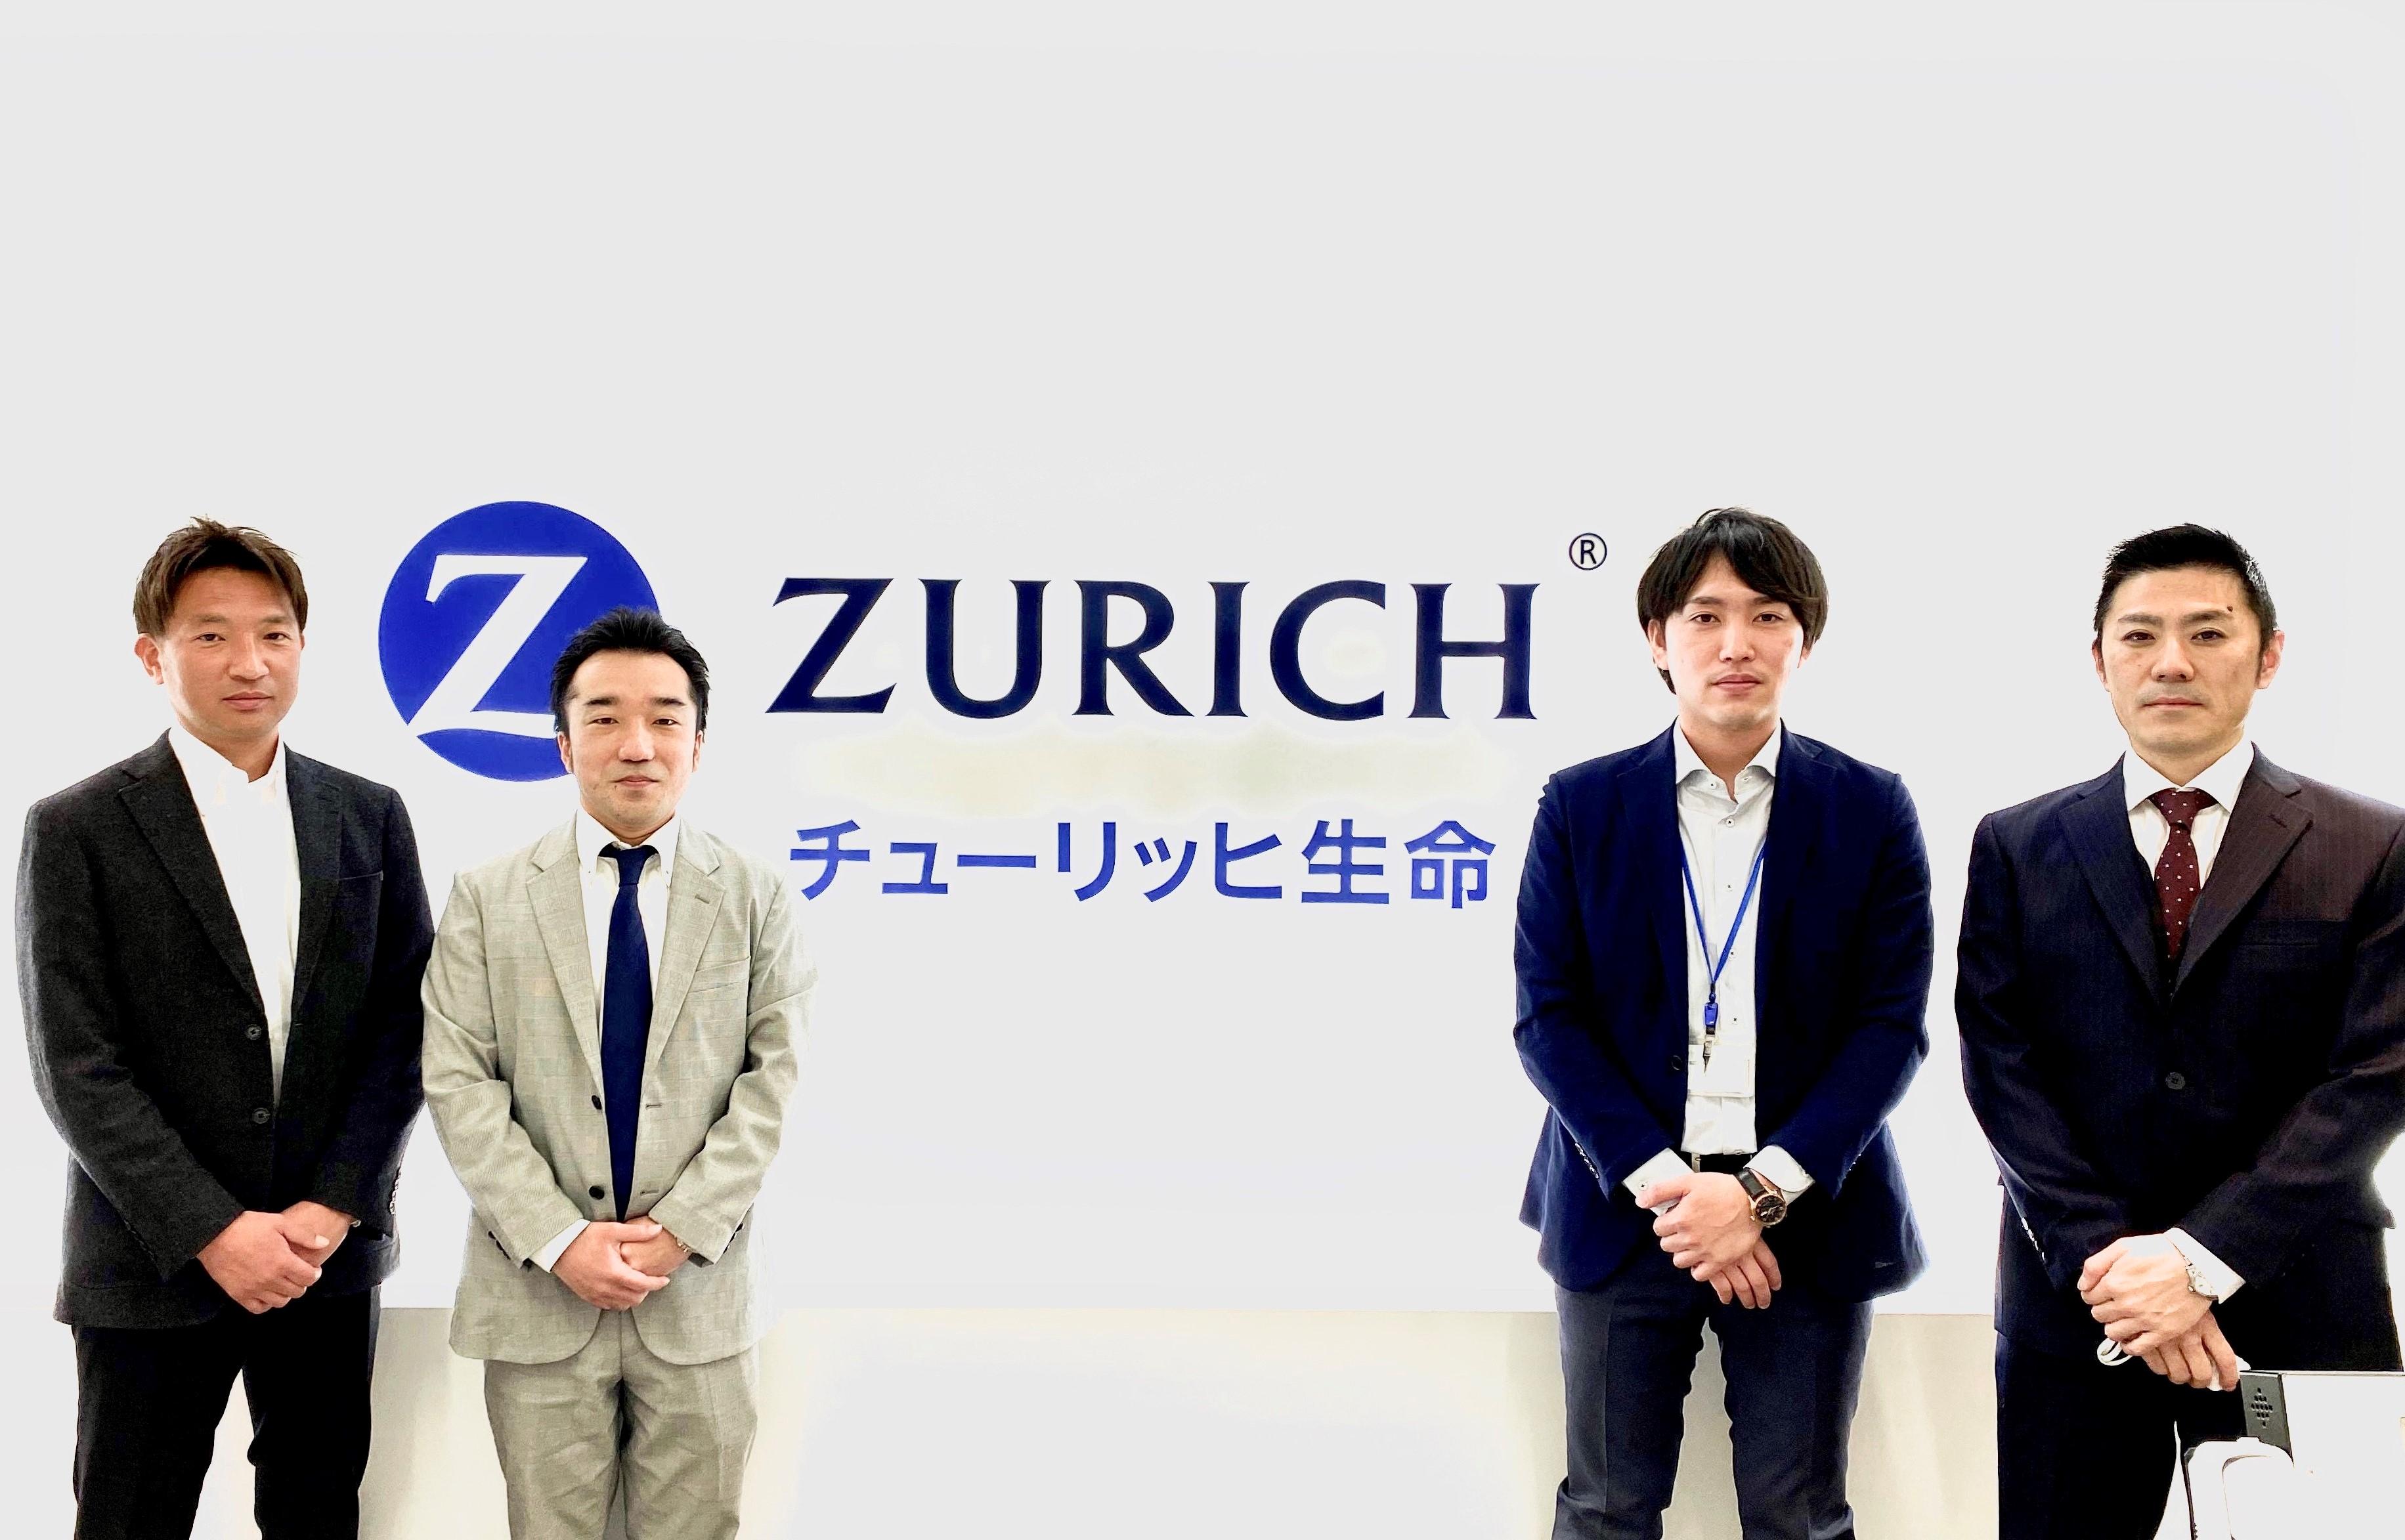 チューリッヒ生命の江崎さん、登坂さん、小串さん、工藤さん